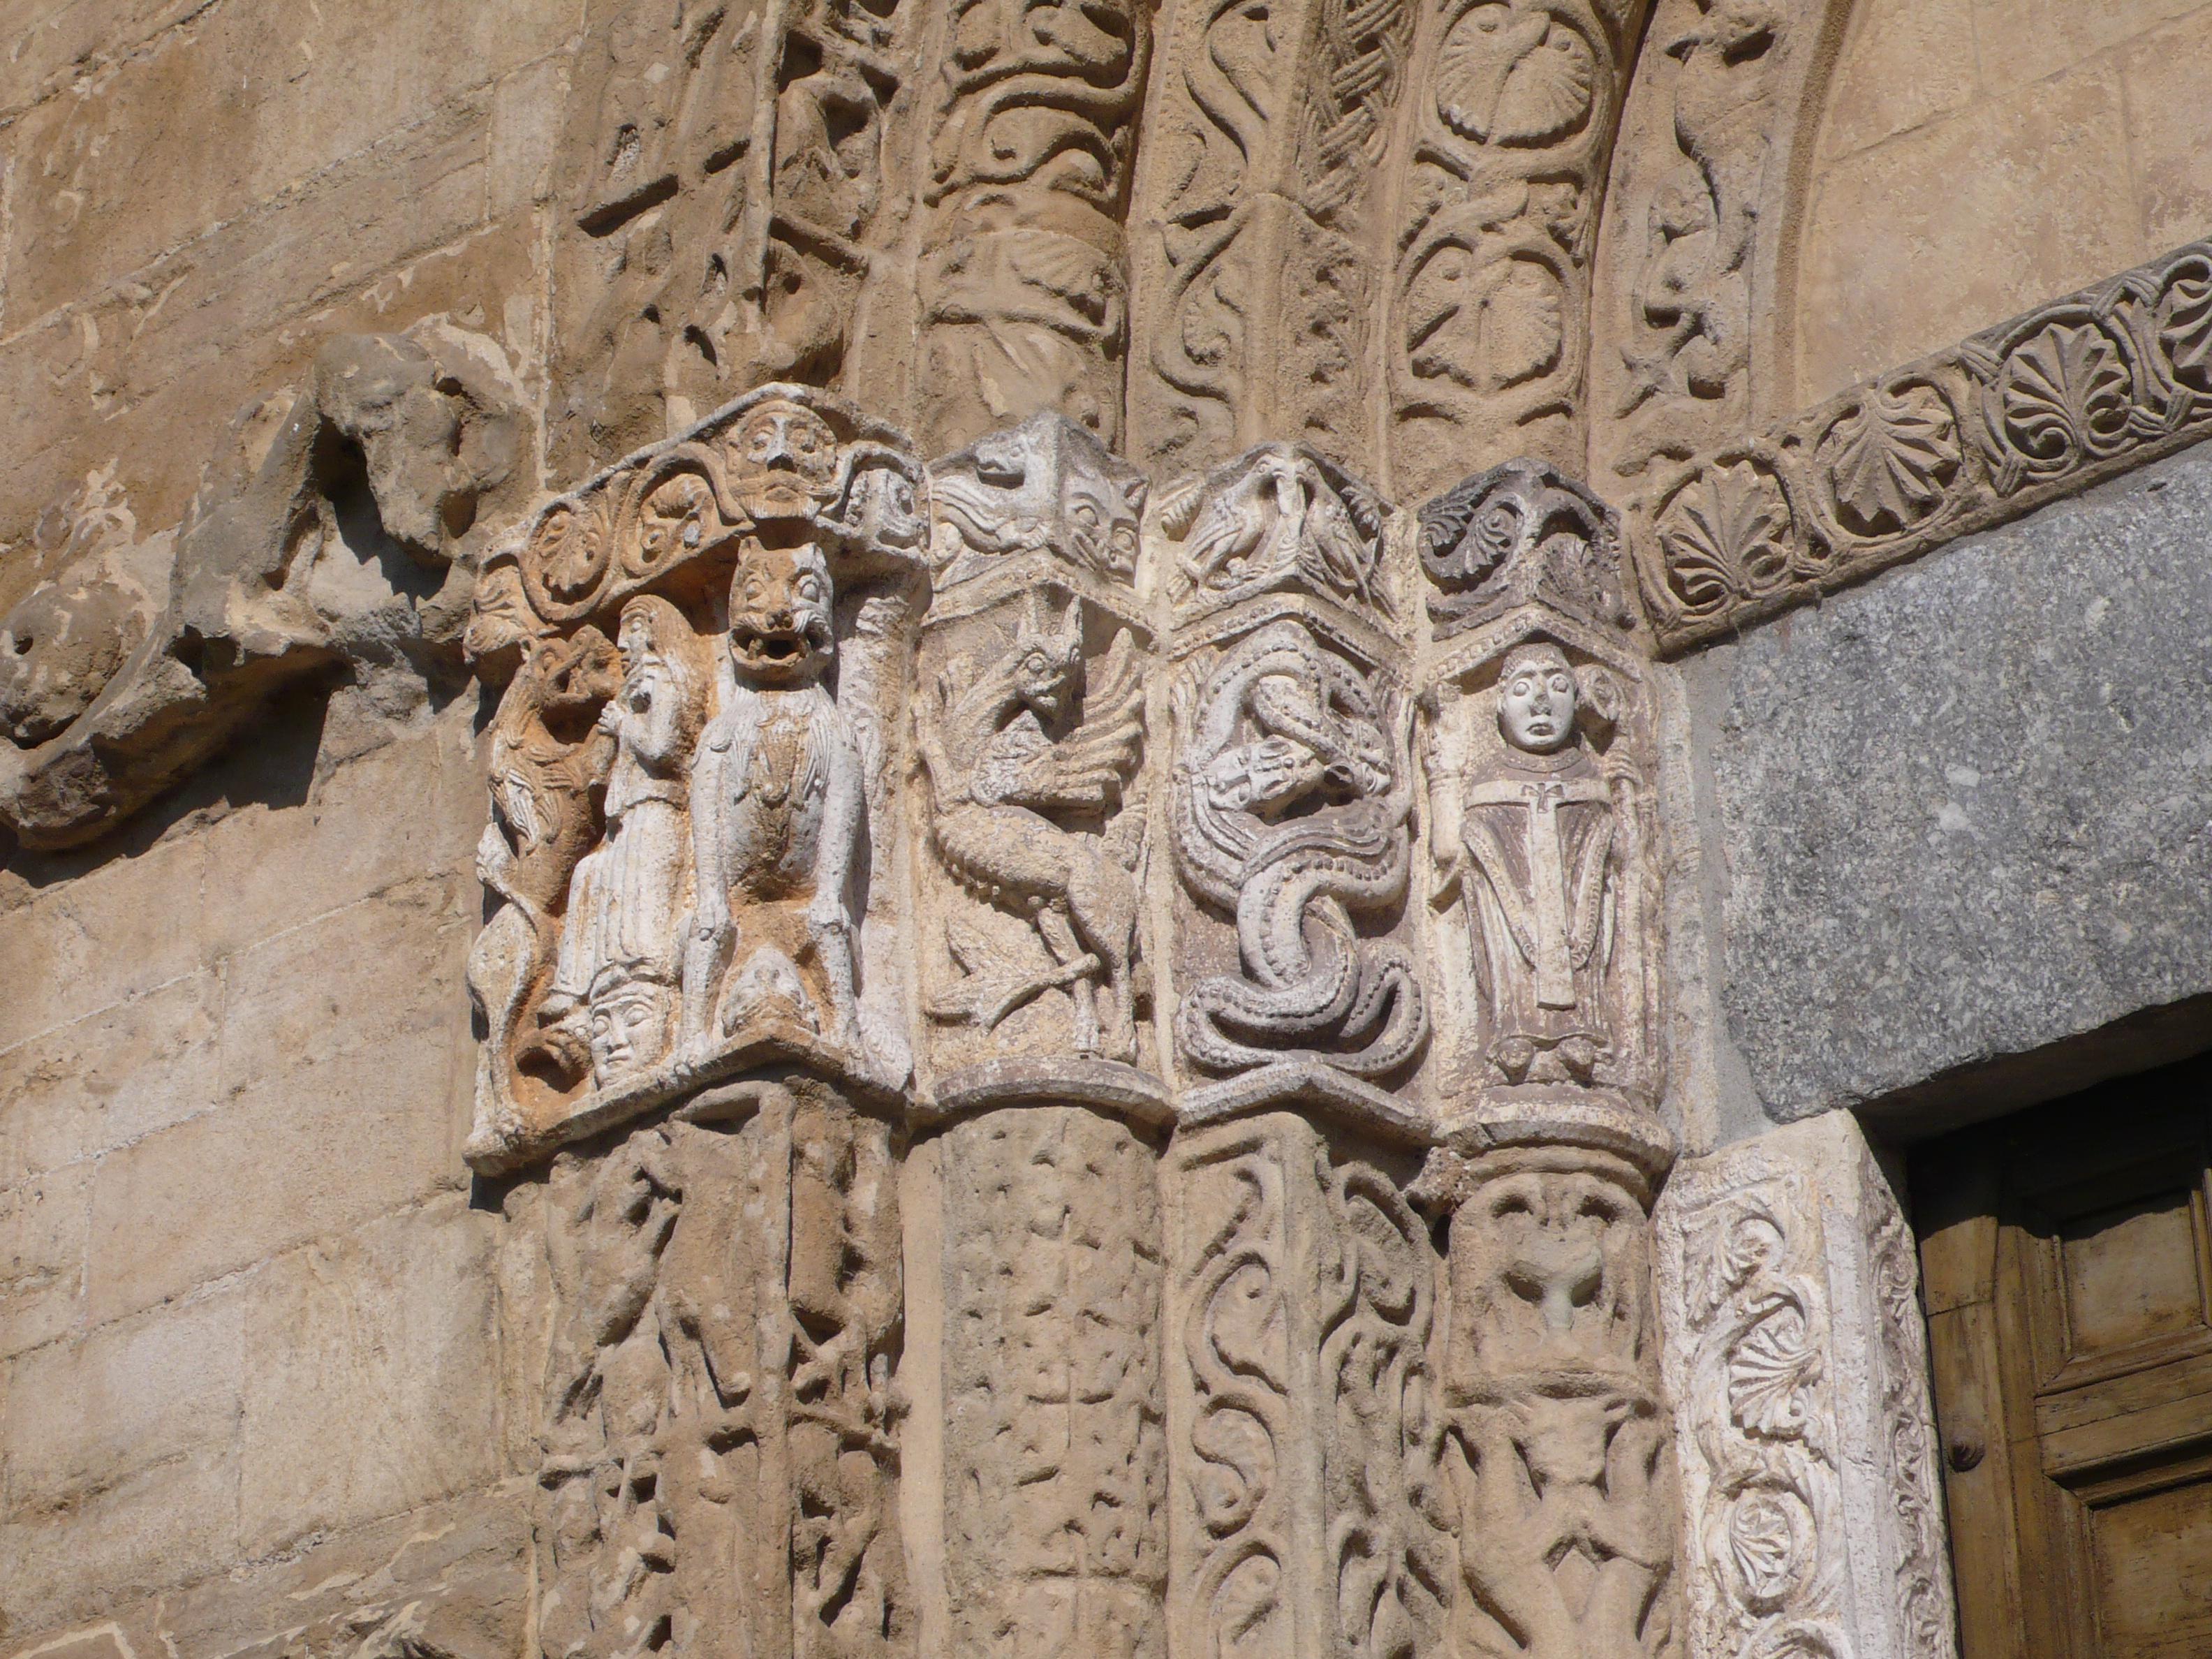 14 giugno – Quei piccoli mostri di pietra: zoologia fantastica in San Michele